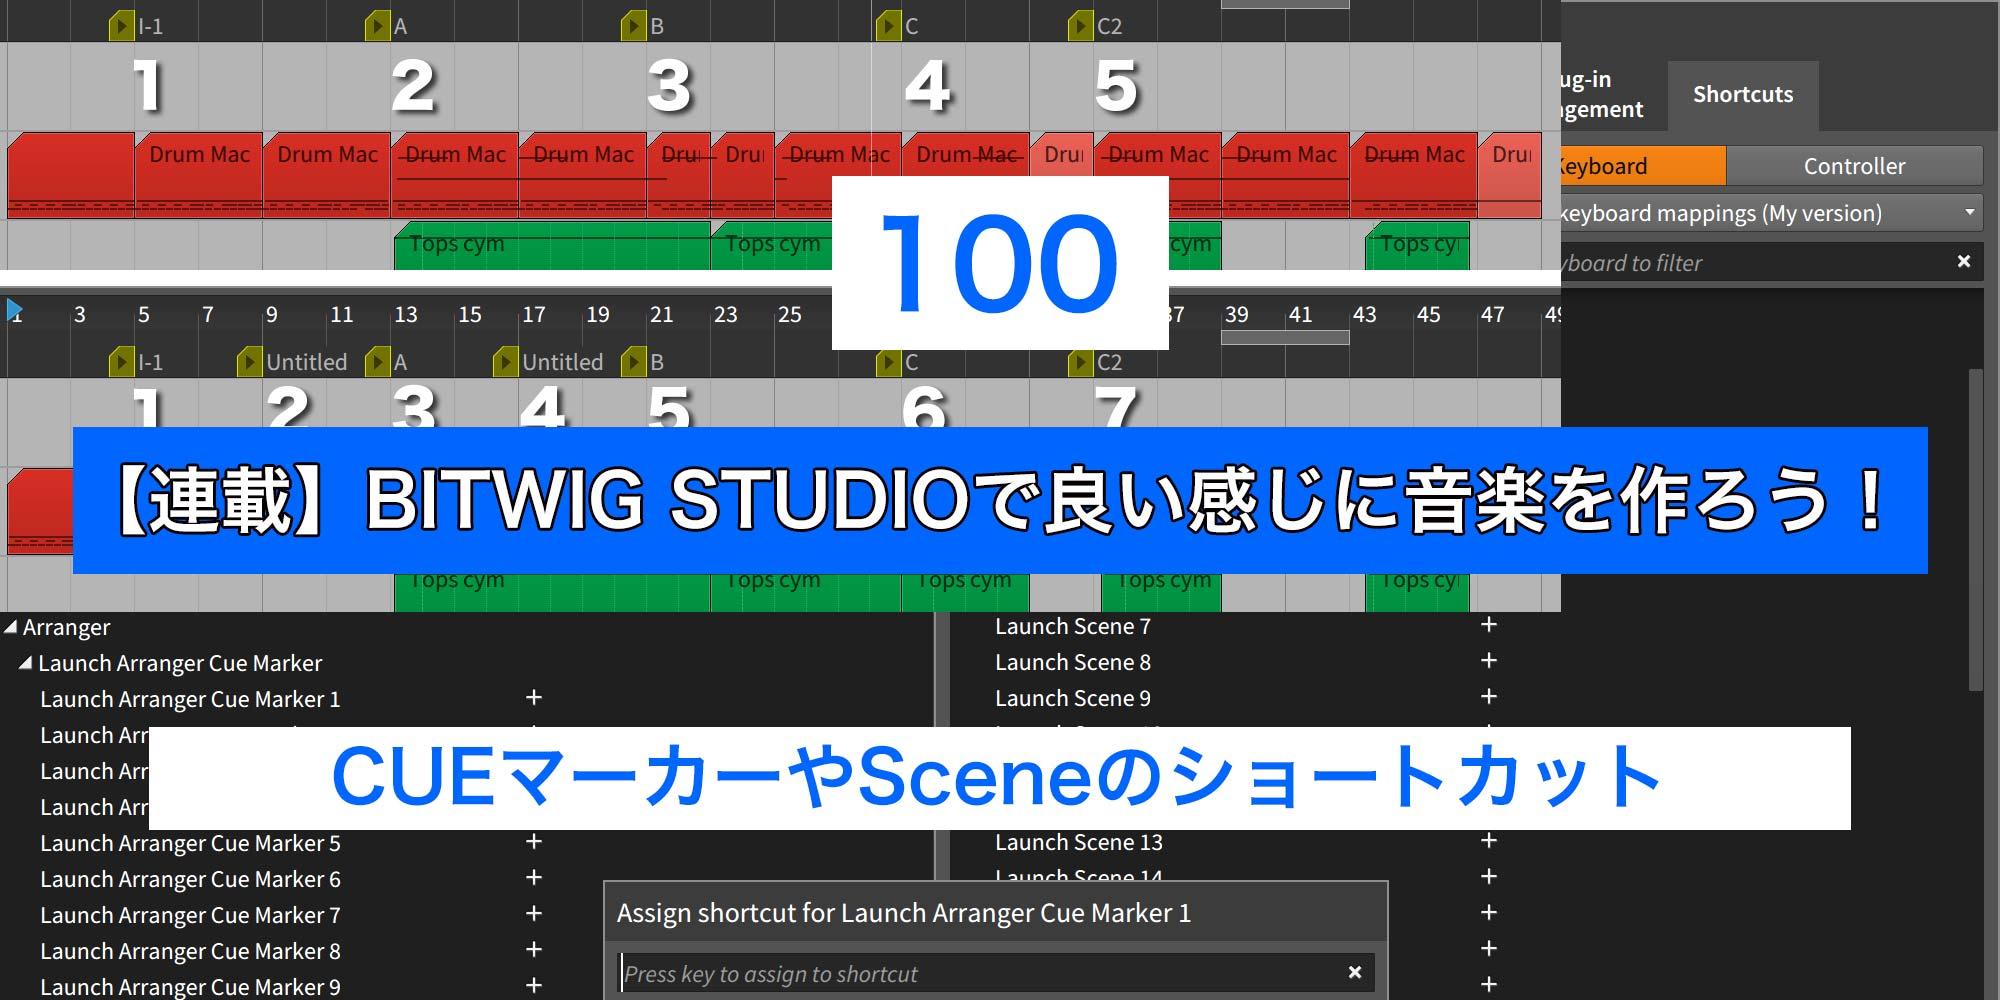 【連載】BITWIG STUDIOで良い感じに音楽を作ろう!【100】